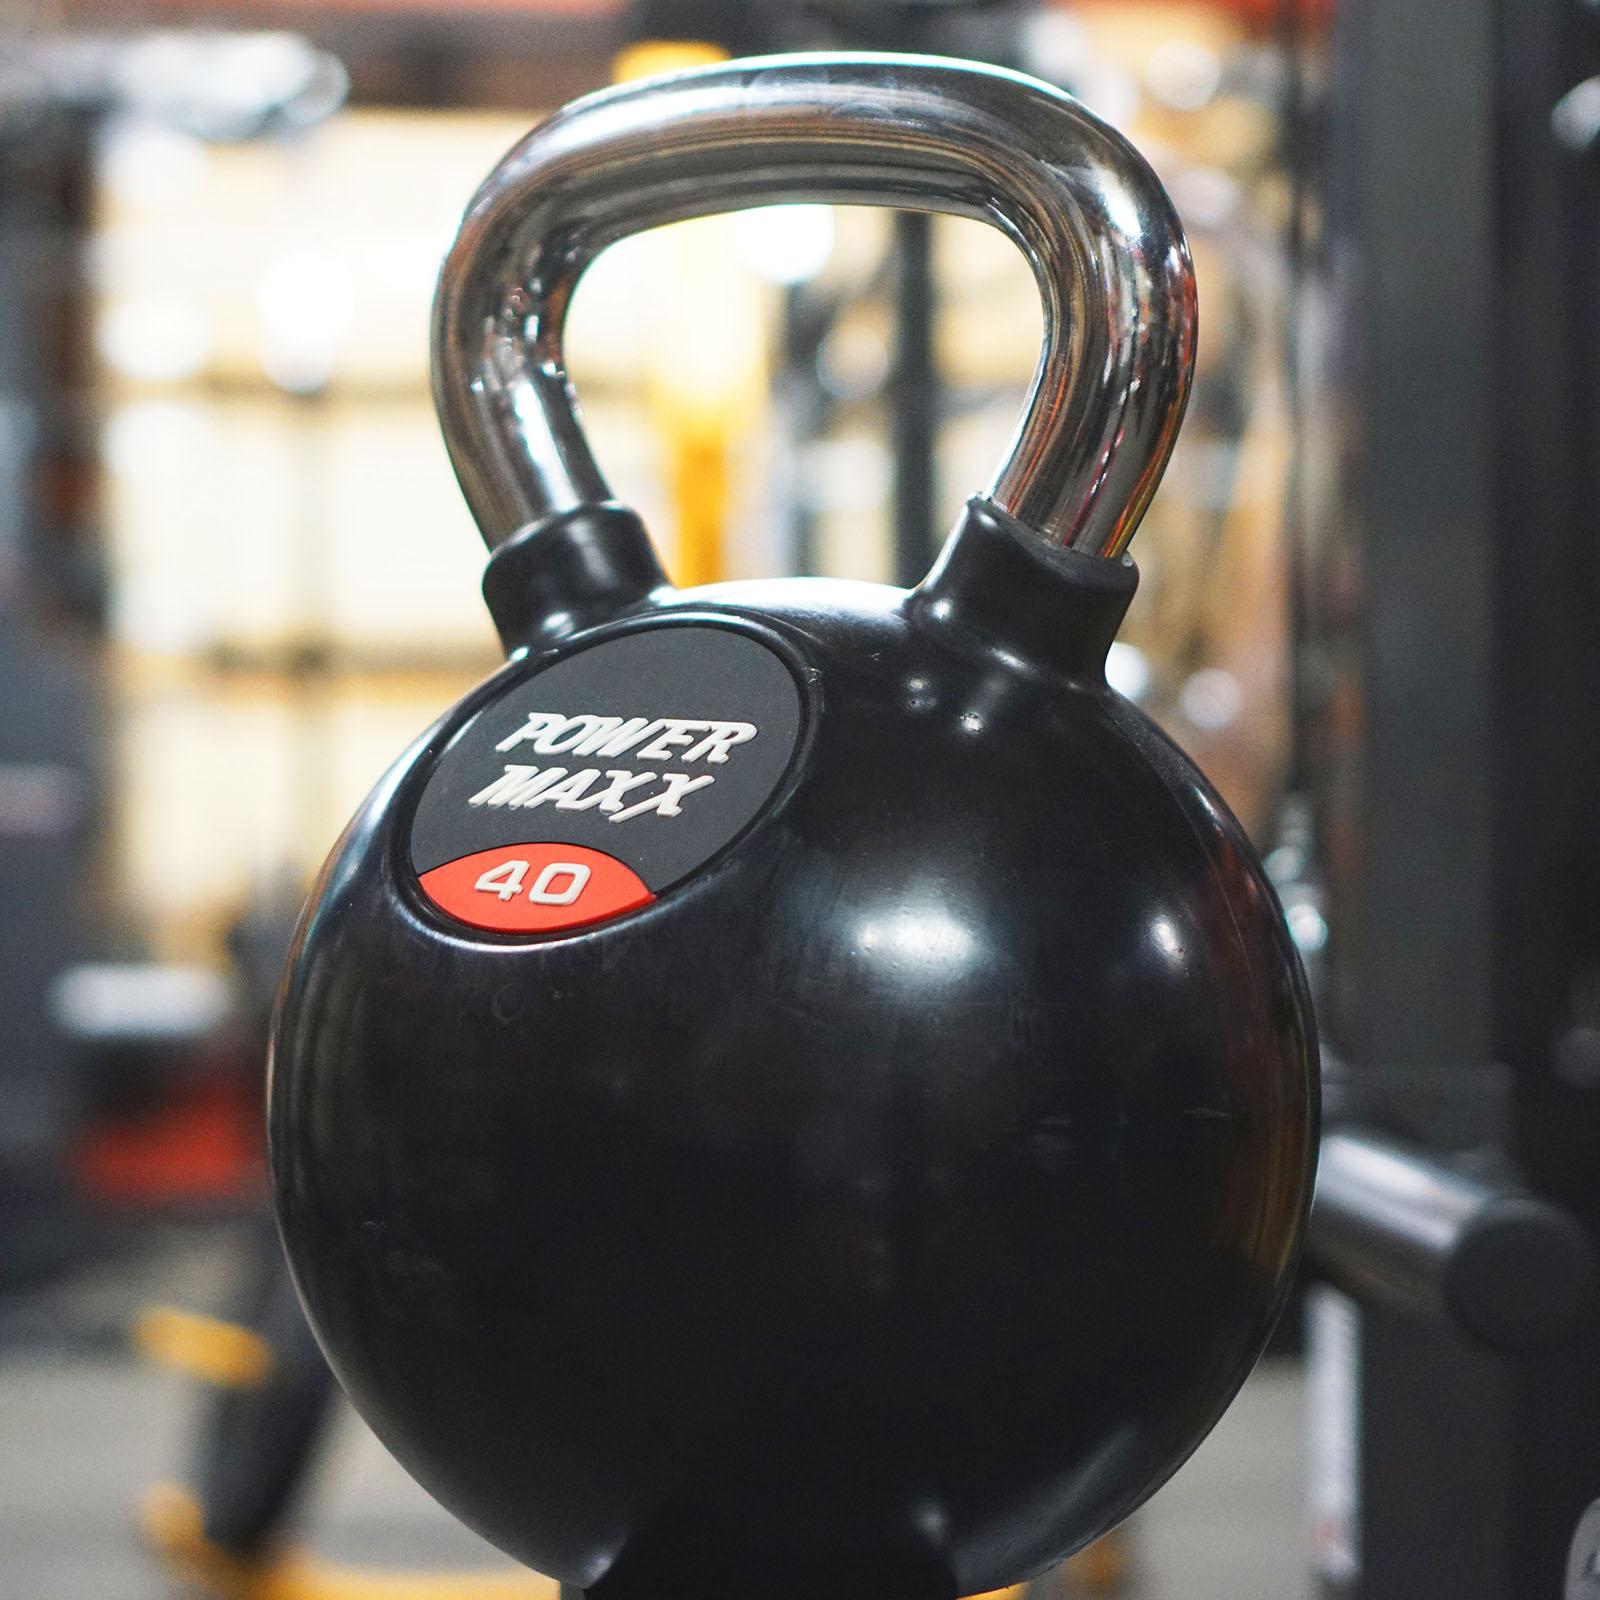 40kg kettlebell